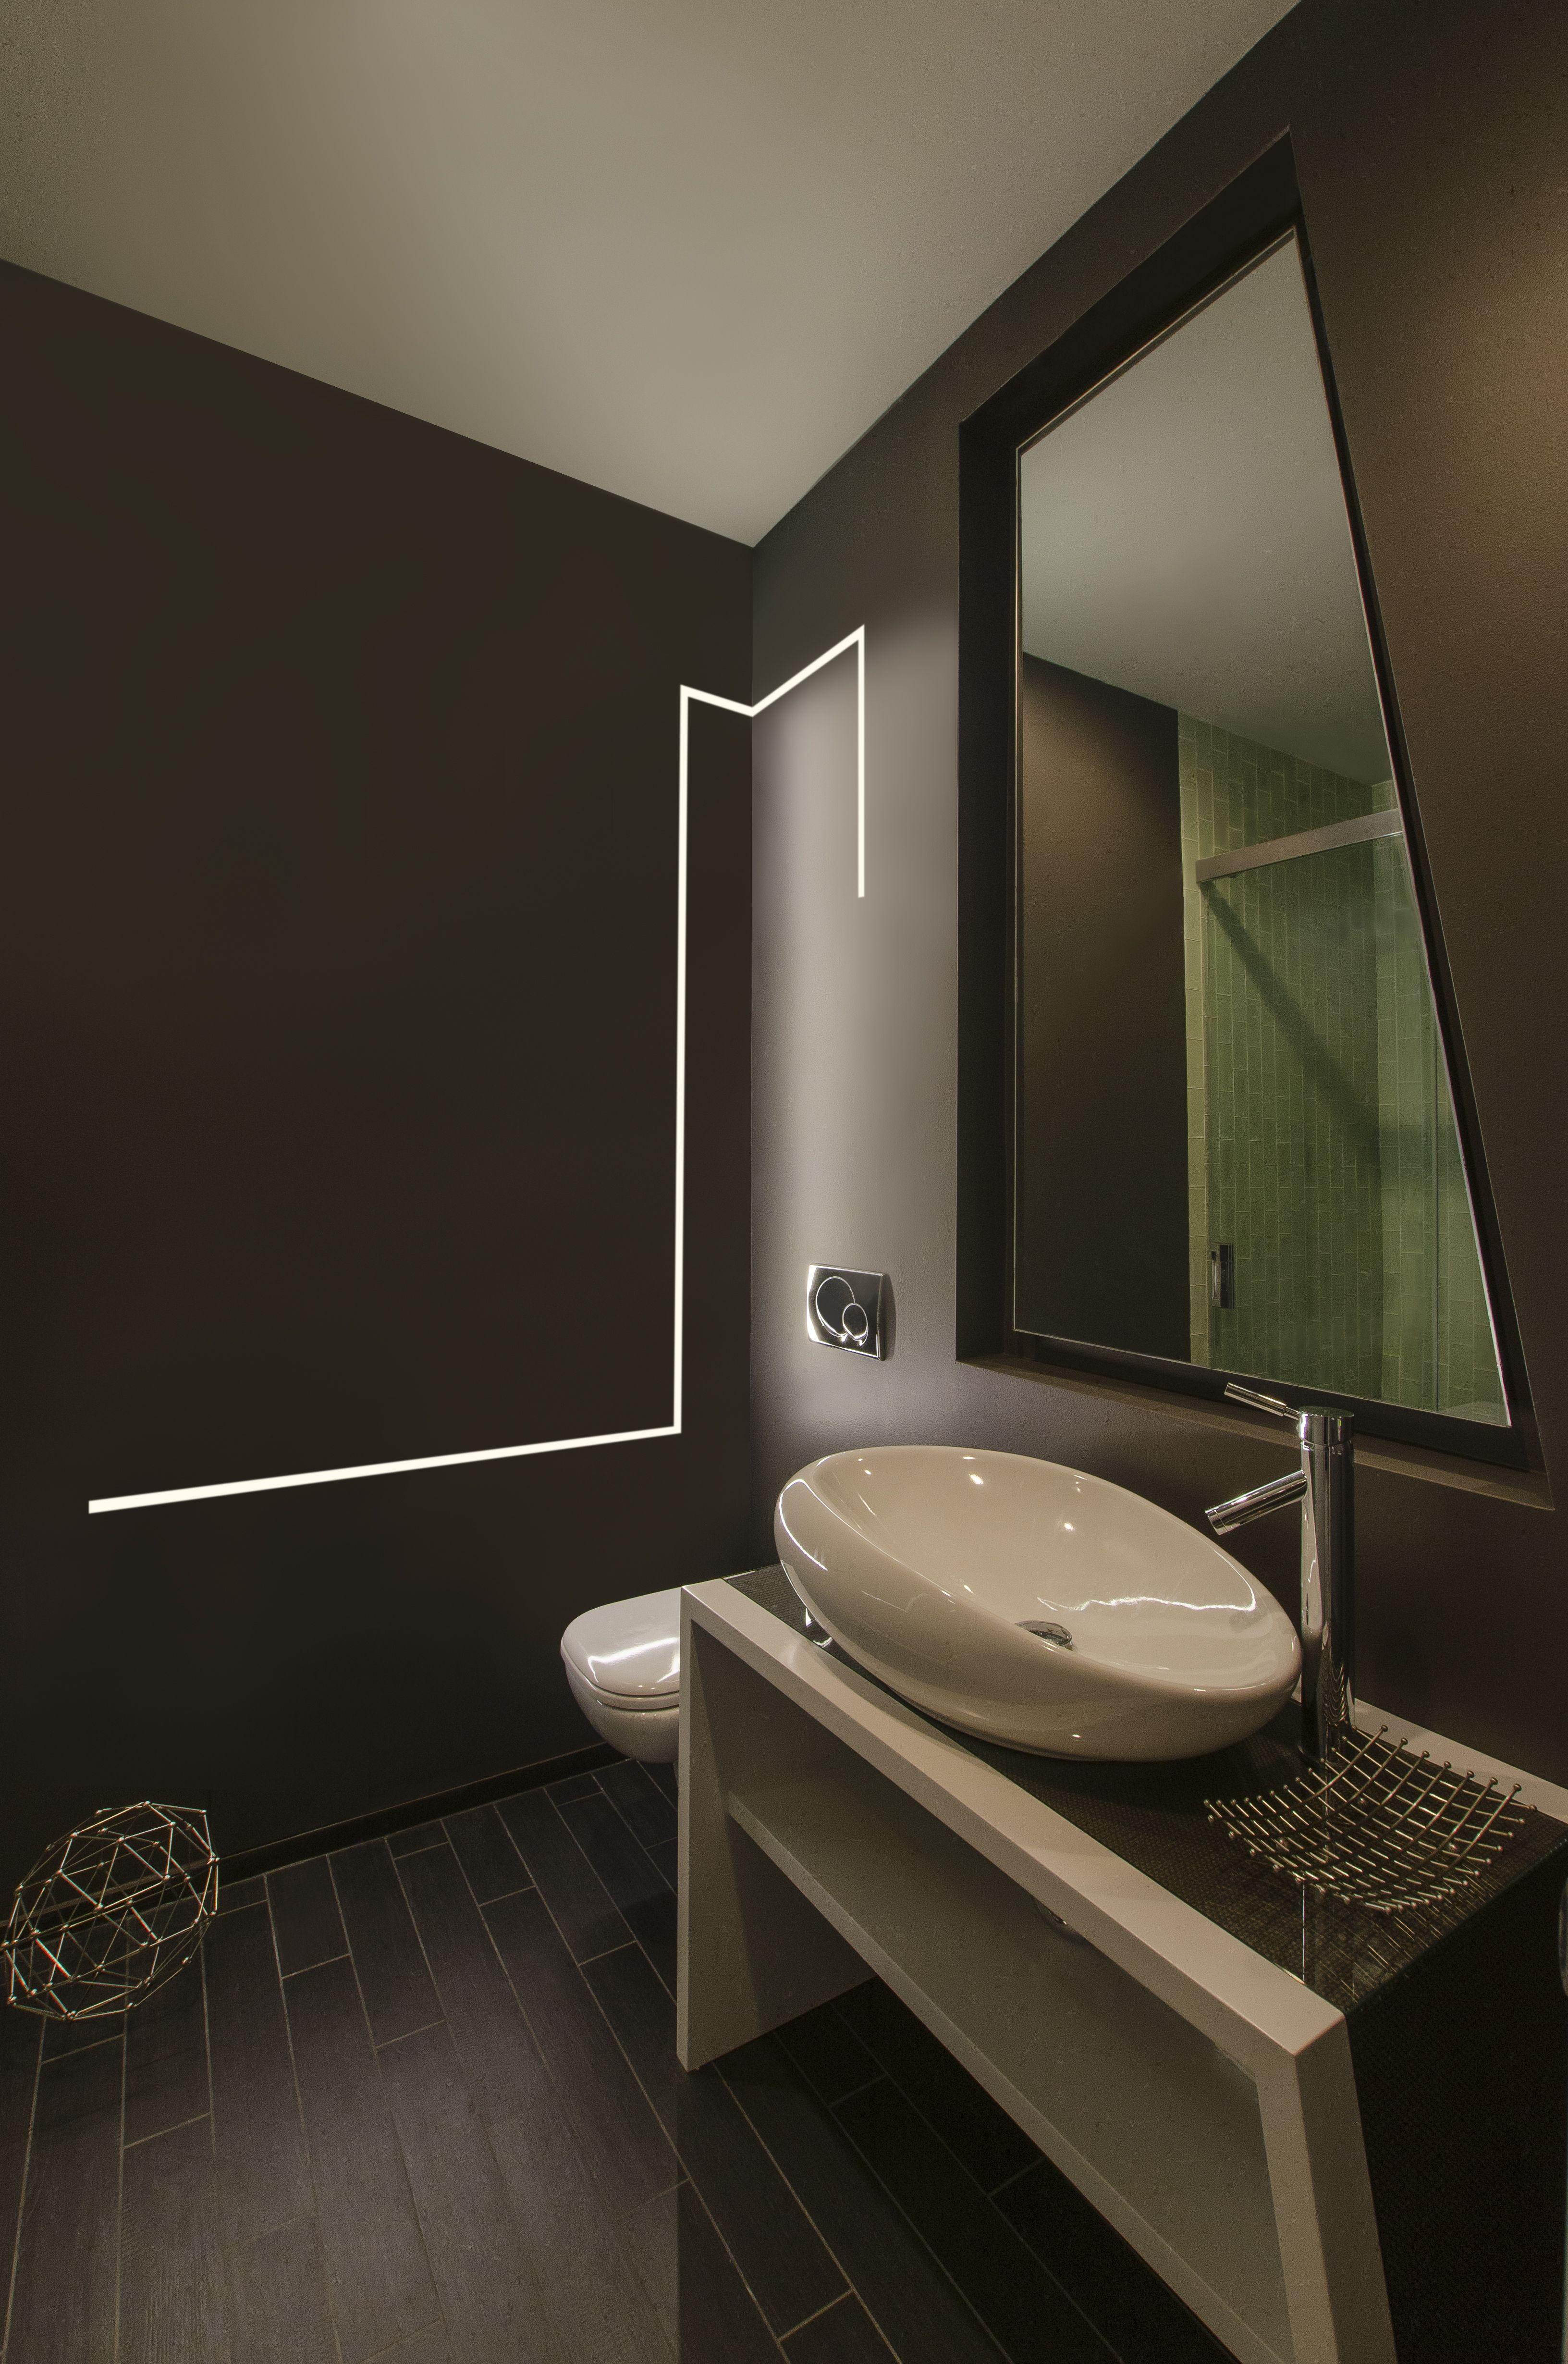 Plaster In Led Lighting Modern Led Lighting For The Bathroom